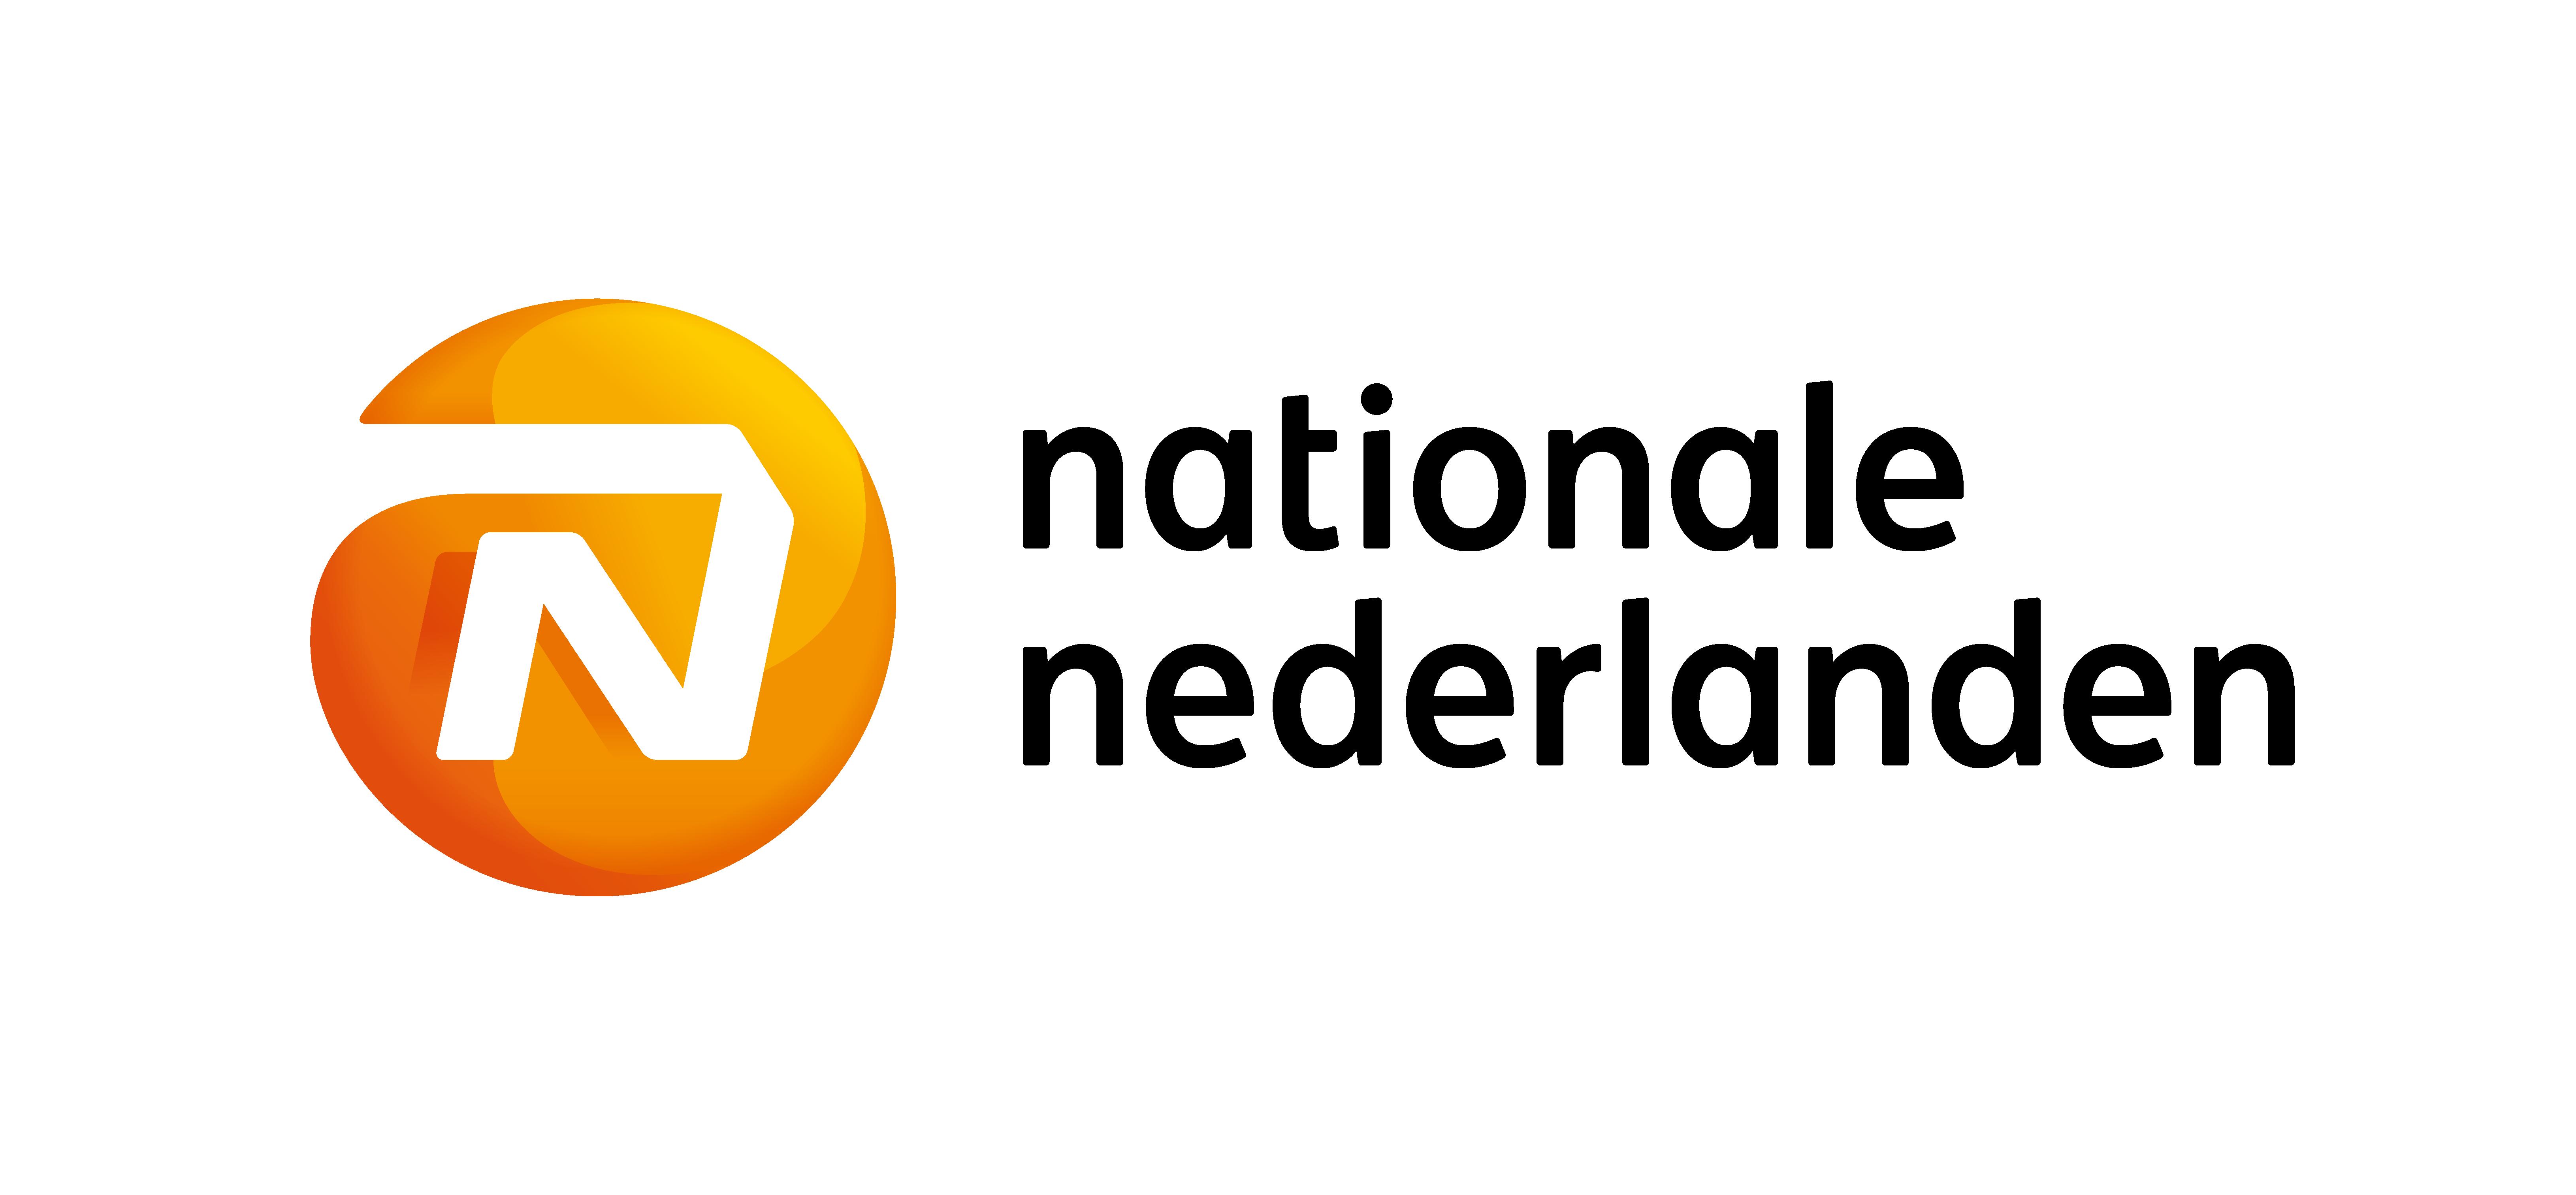 NN_Nationale_Nederlanden_Hypotheken_logo